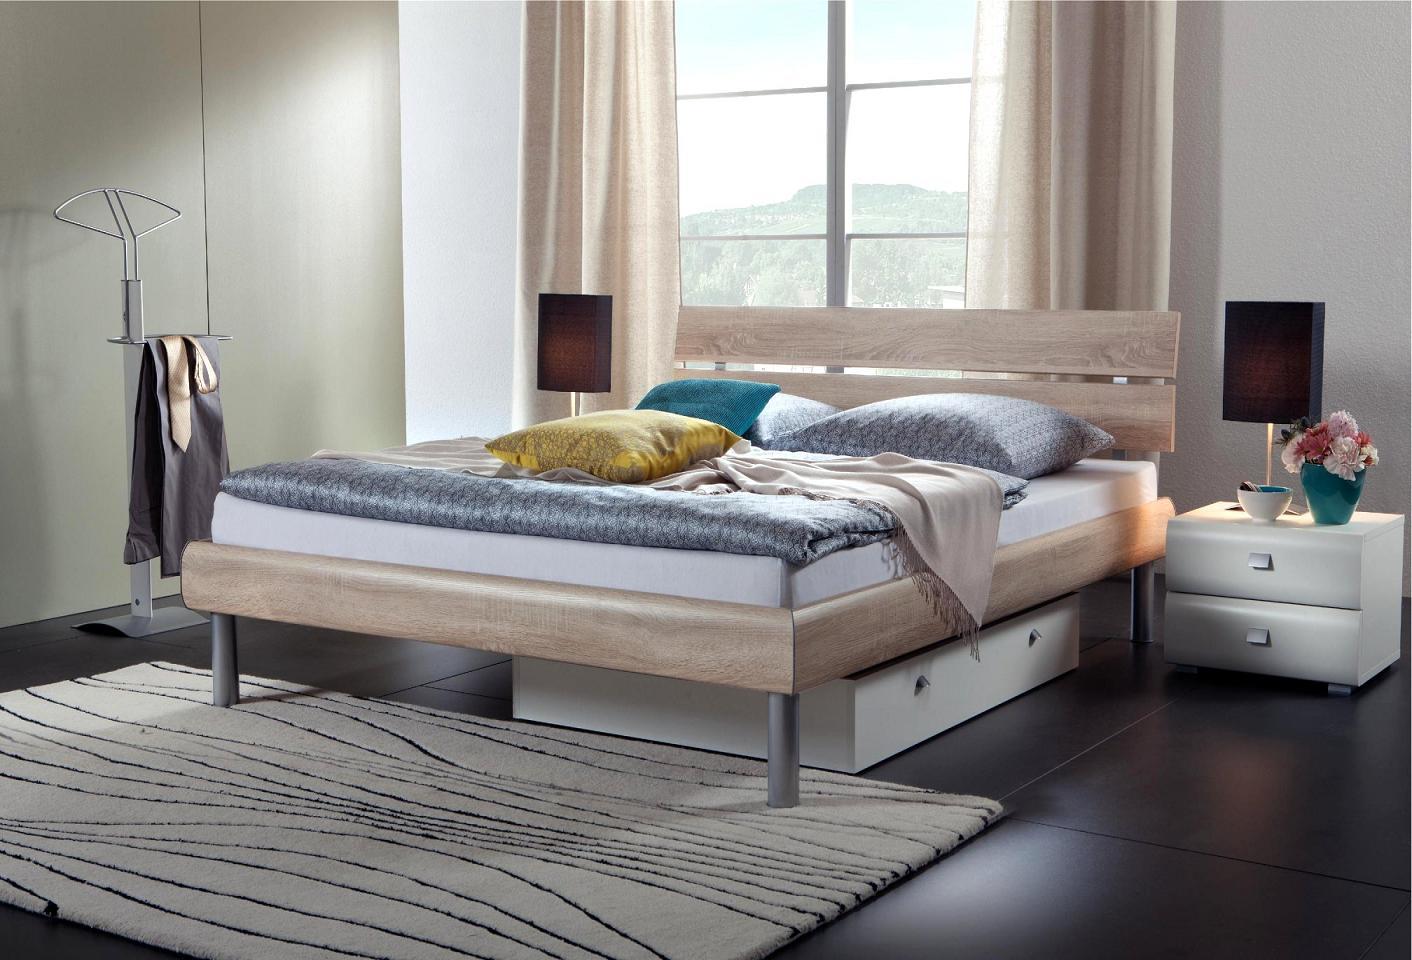 Full Size of Betten 200x220 Nach Ma Liegeflche Cm Gnstig Kaufen Mbel Bei Ikea Günstig Köln Runde Tempur Ohne Kopfteil Mit Aufbewahrung überlänge Amazon Aus Holz Bett Betten 200x220